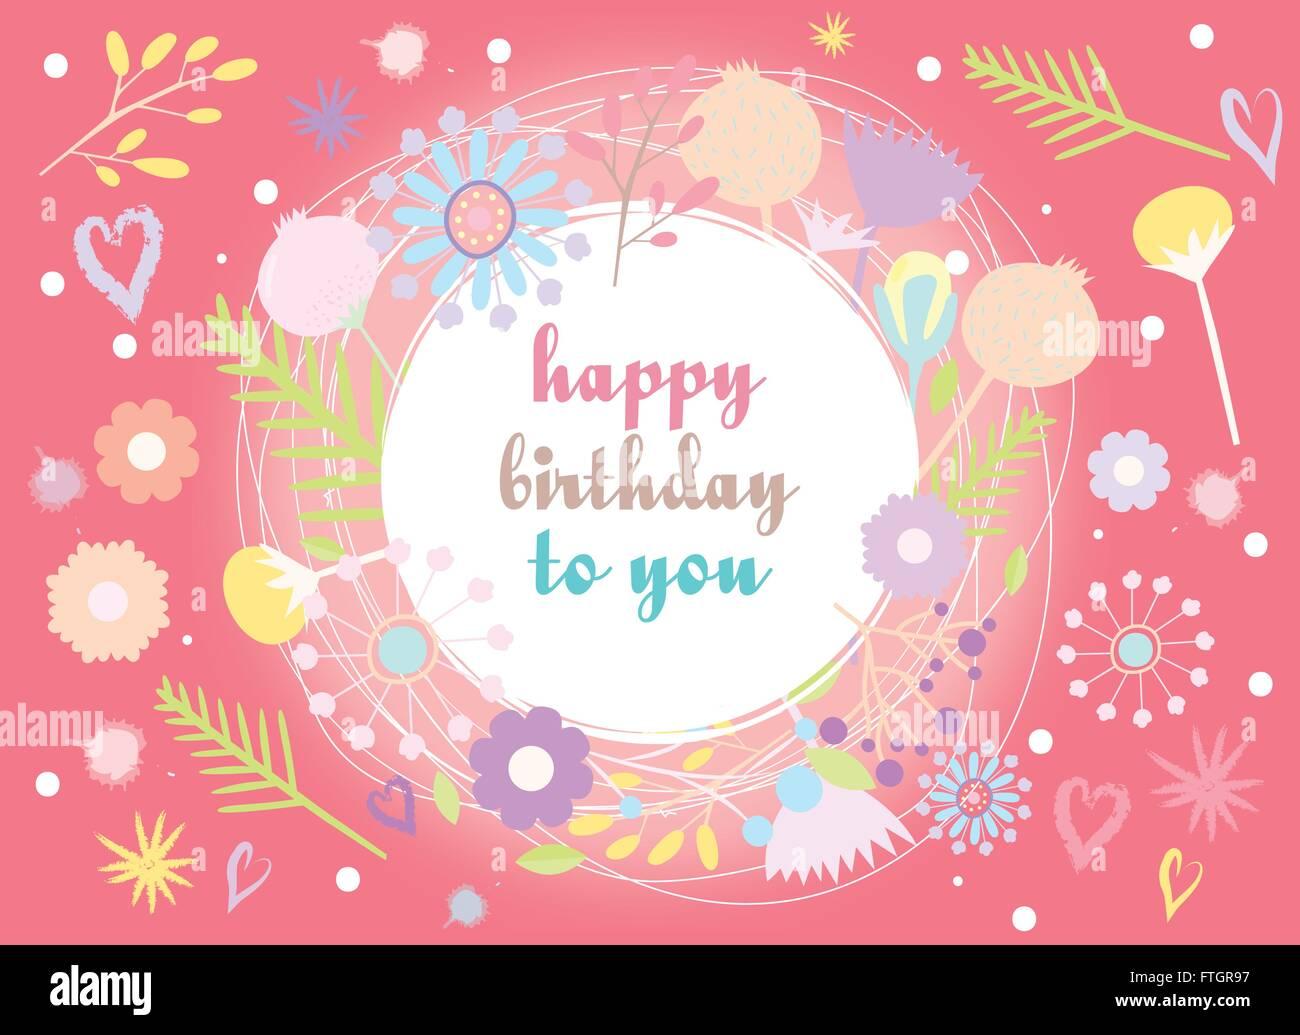 Joyeux Anniversaire A Vous Jolie Carte De Vœux Vector Illustration Image Vectorielle Stock Alamy